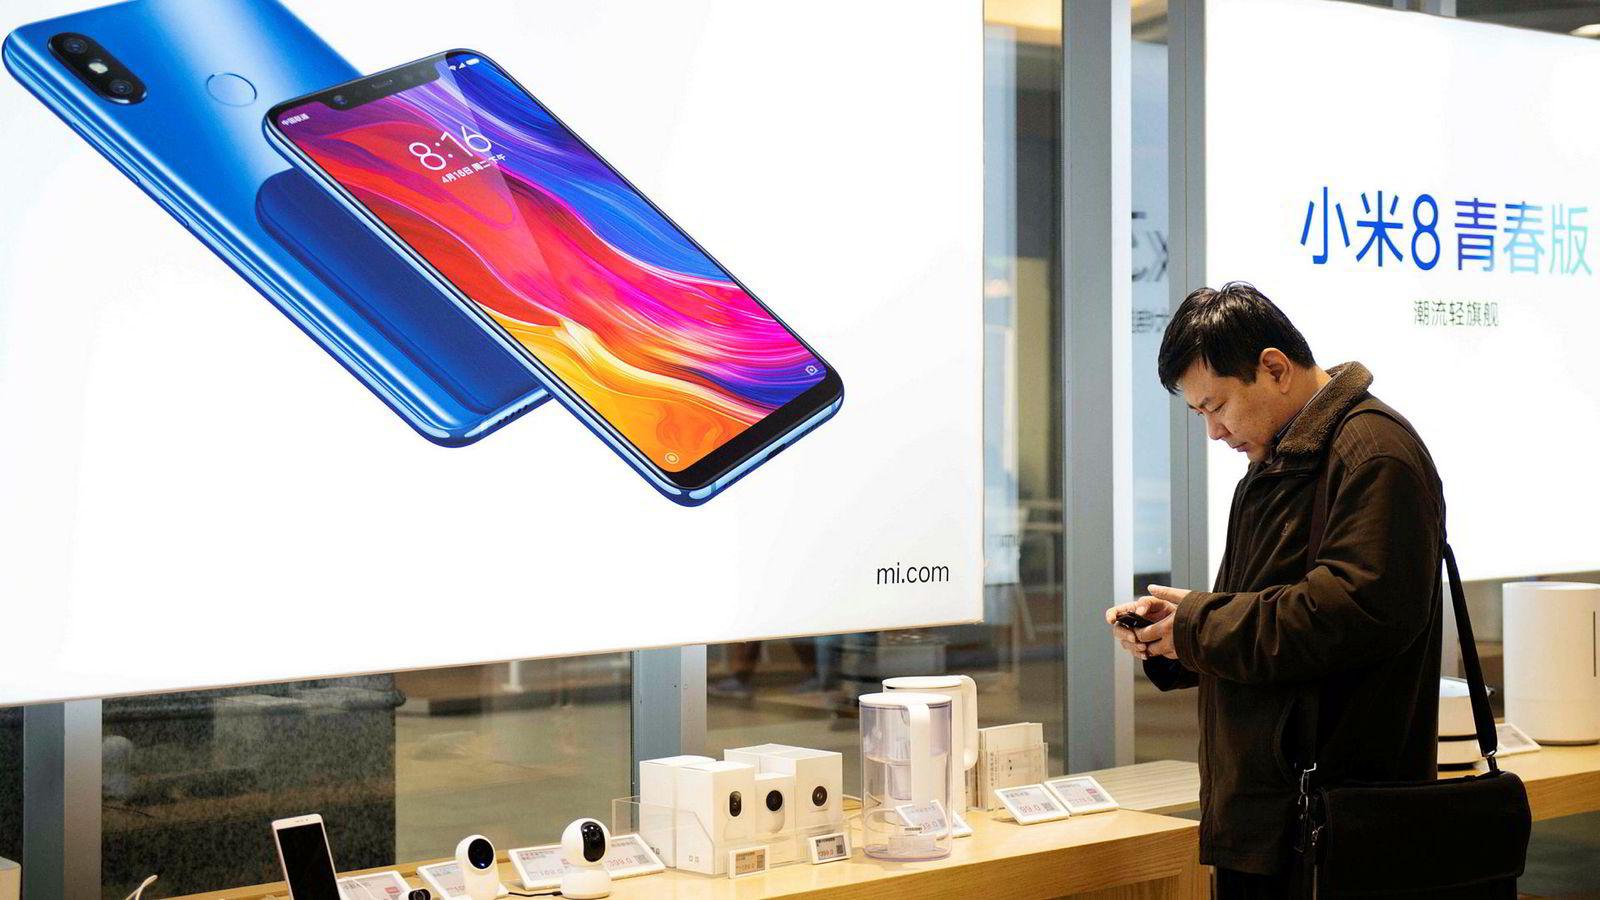 Xiaomi øker salget av smarttelefoner, men investorer er i tvil om selskapets ambisjoner om å bli Kinas svar på Apple lar seg gjennomføre. Aksjekursen er mer enn halvert på seks måneder.